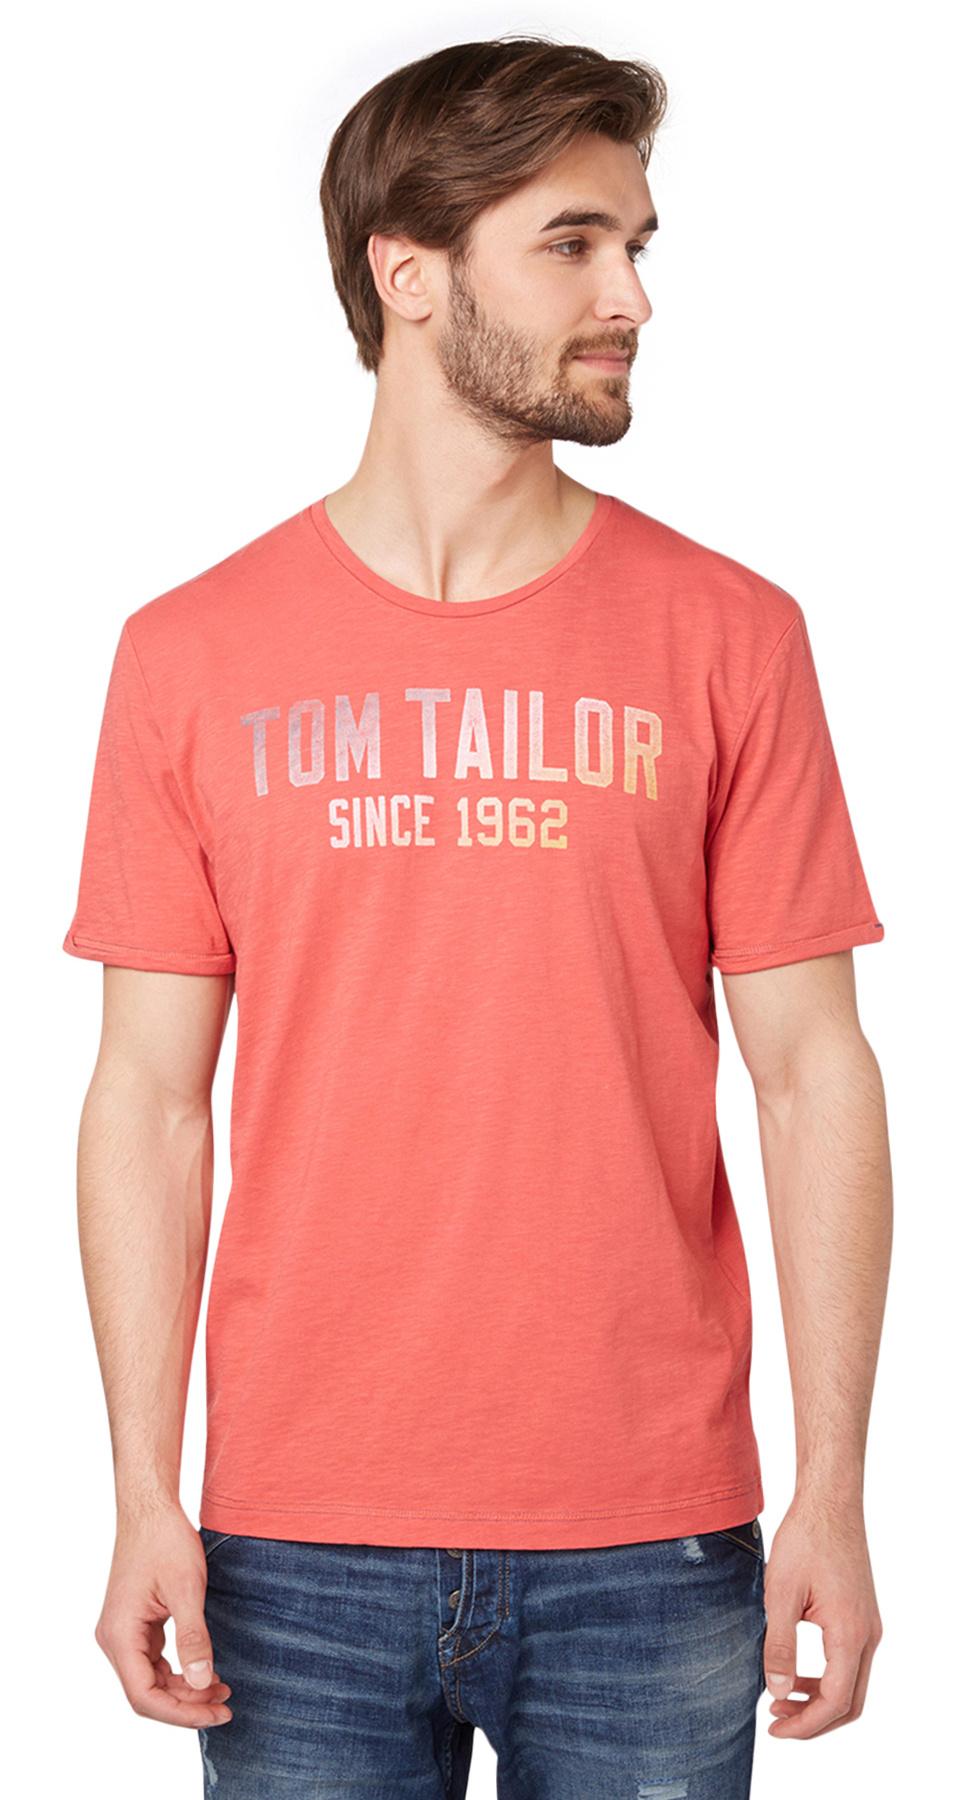 Tom Tailor pánské triko 10350006210/4502 Červená XL